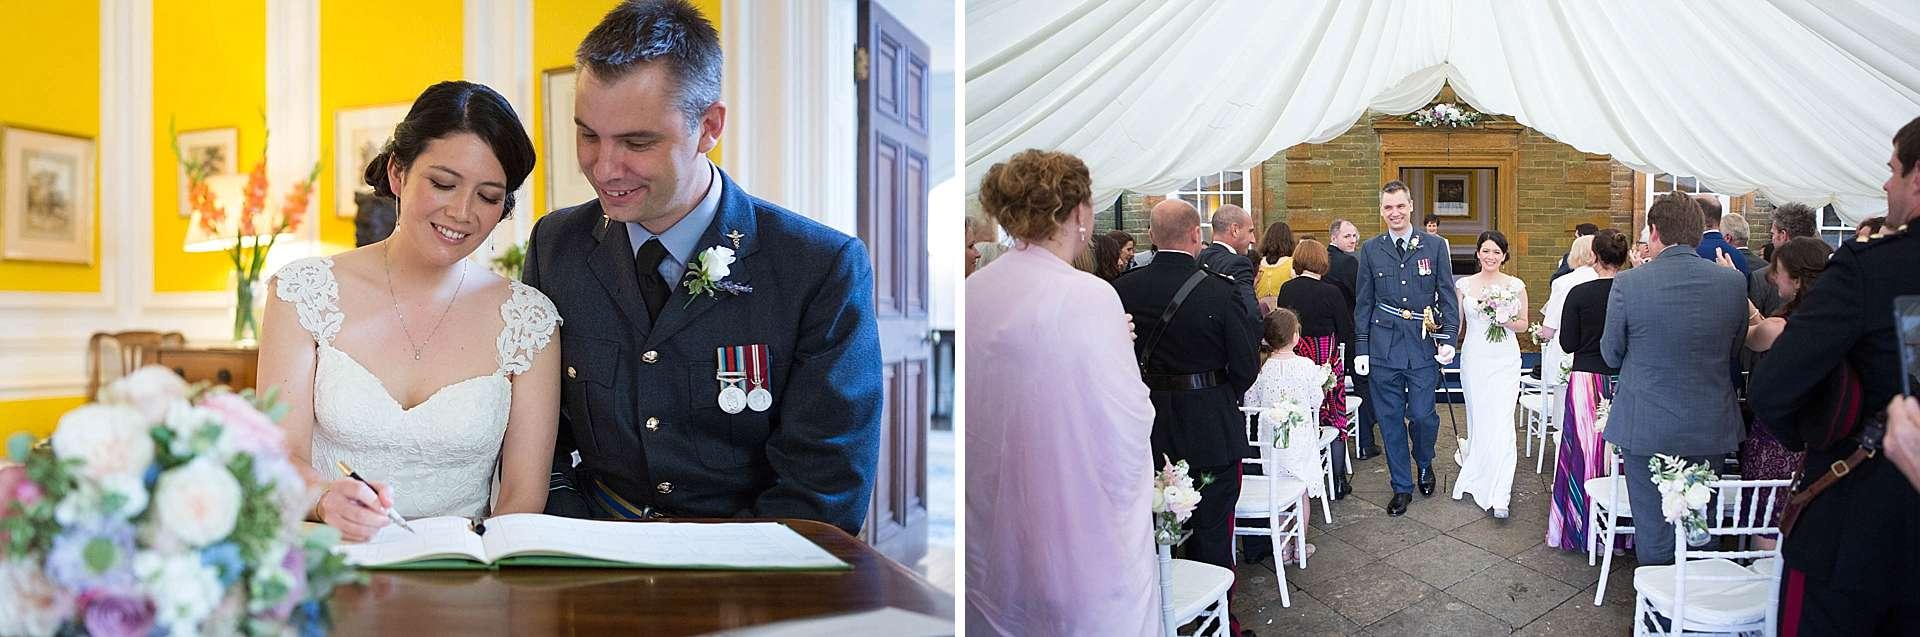 Poundon House military wedding